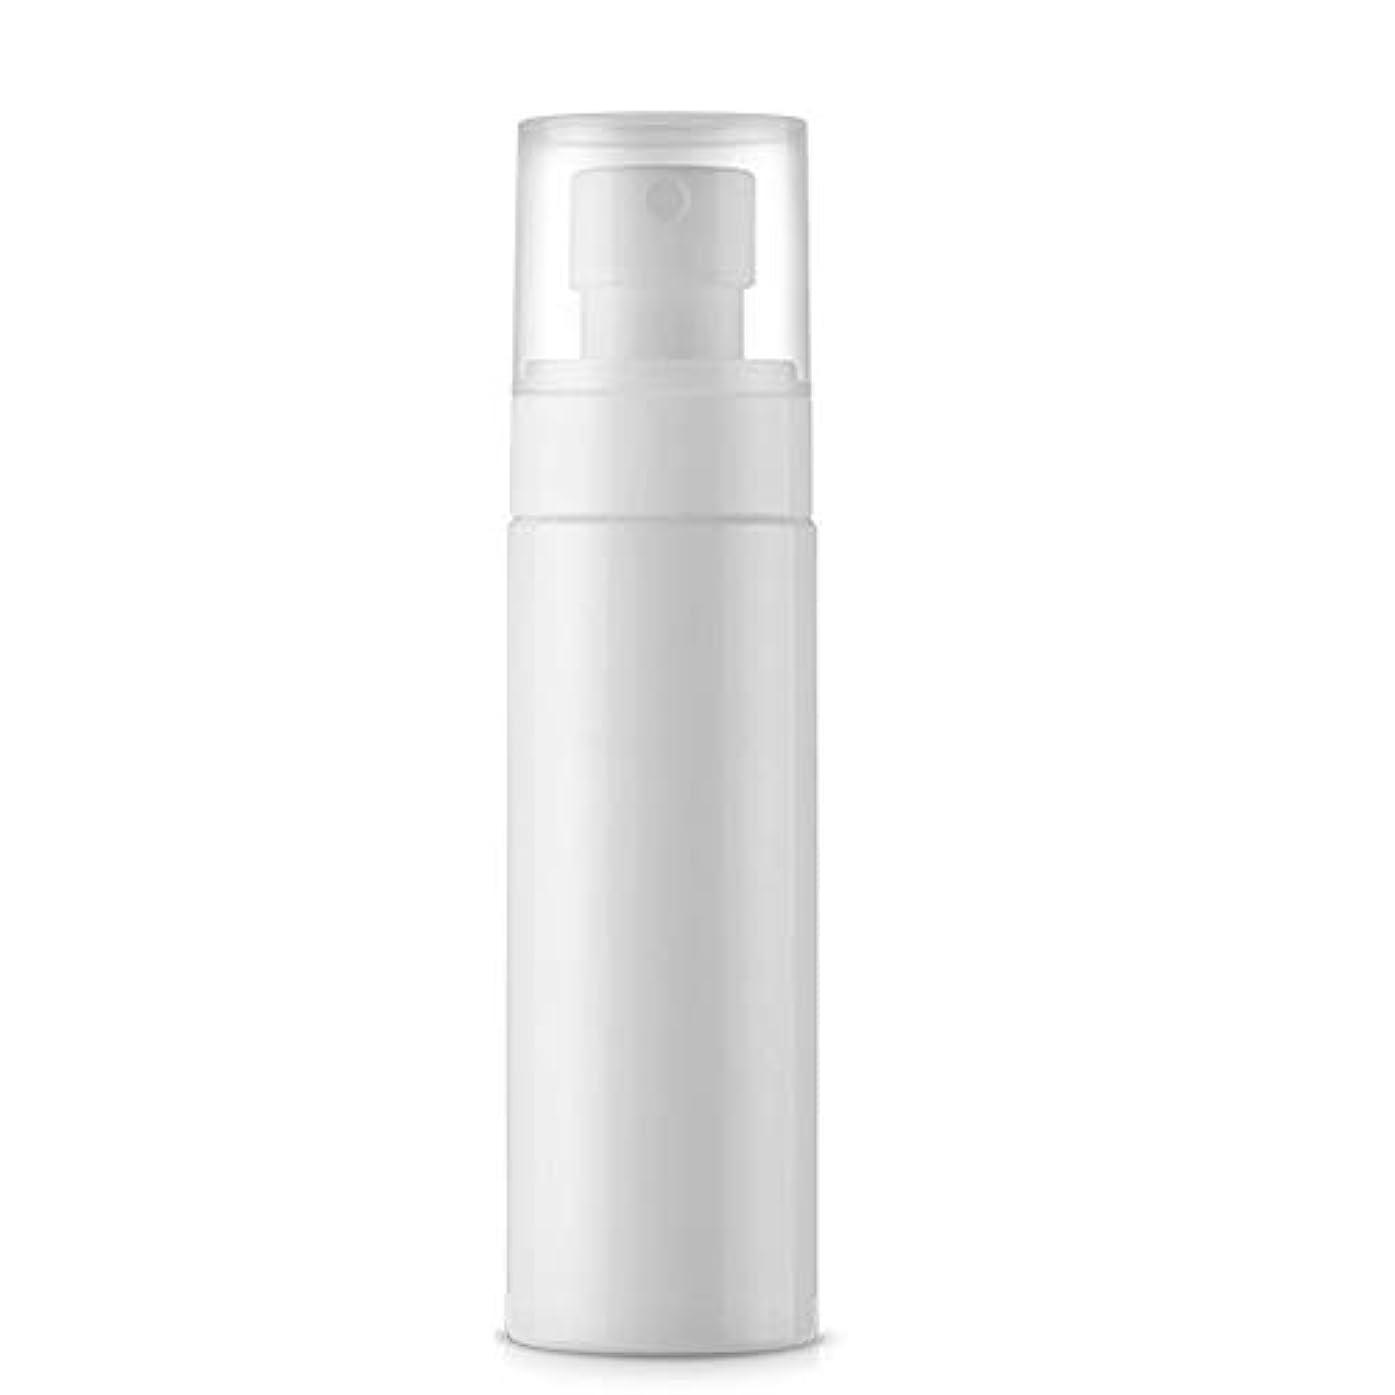 偶然ズームインする突然Vi.yo スプレーボトル 小分けボトル 化粧水 詰替用ボトル PET 携帯用 旅行用品 100ml